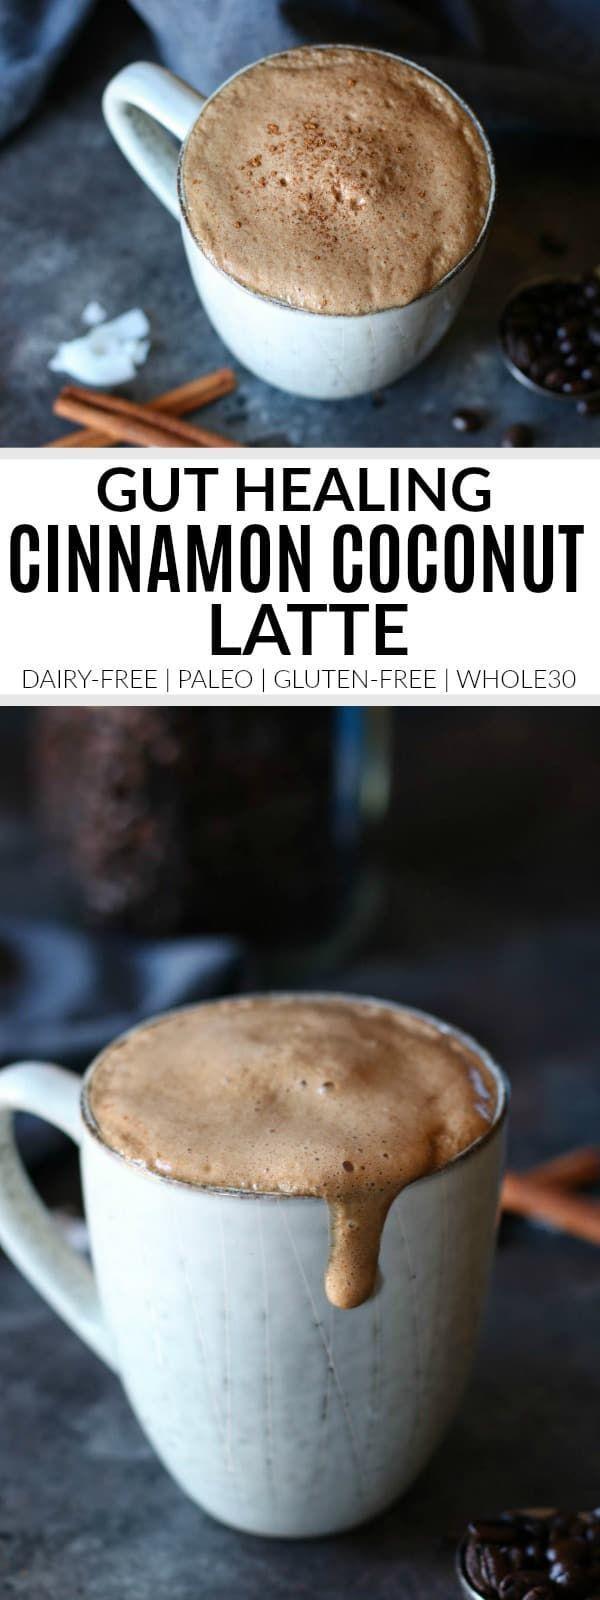 Cinnamon Coconut Latte #whole30recipes